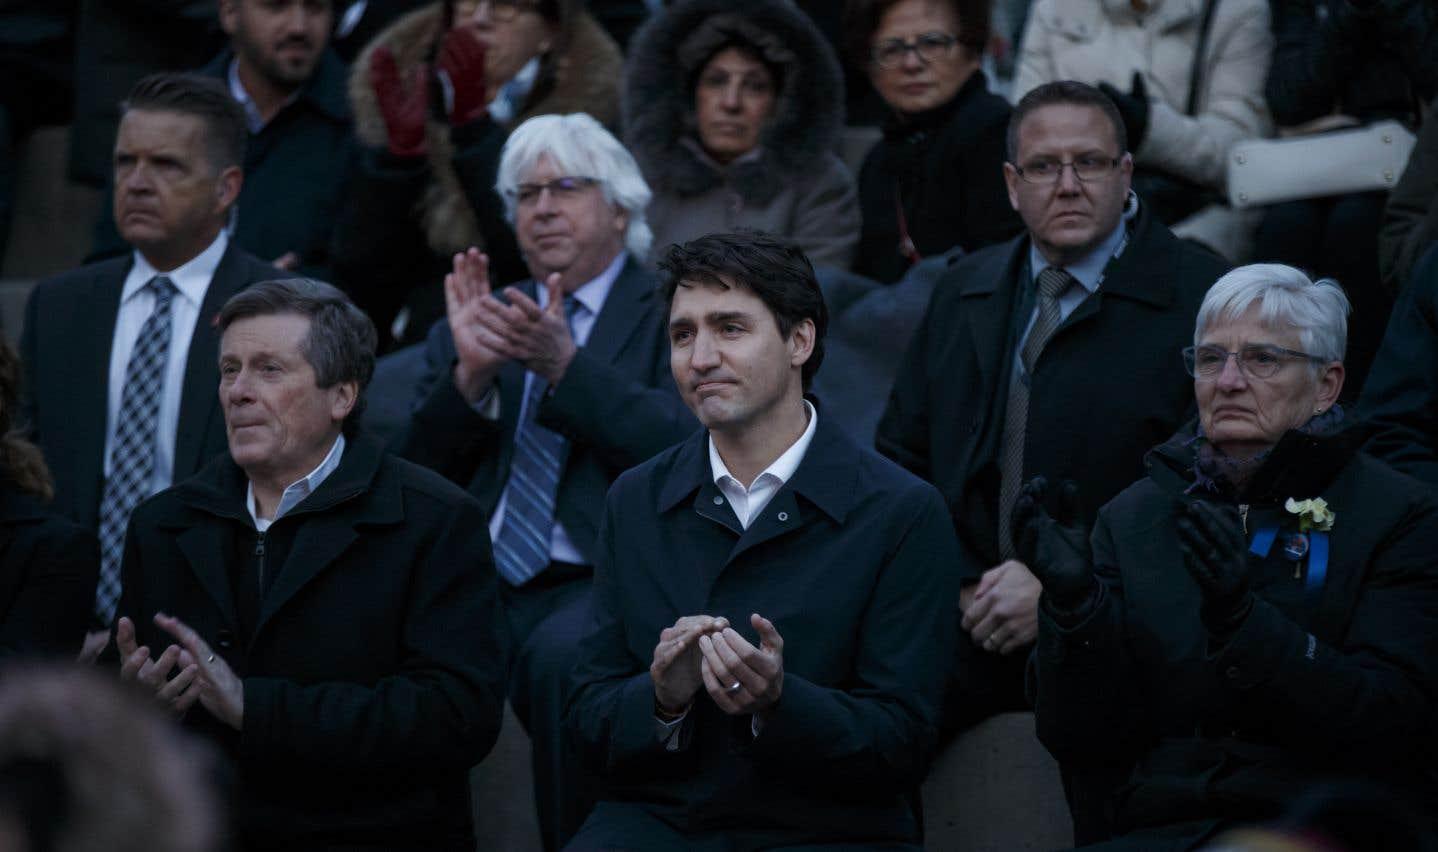 Plusieurs dignitaires étaient présents lors de cette journée endeuillée. Parmi eux, le prmier ministre Justin Trudeau, et le maire de Toronto, John Tory.